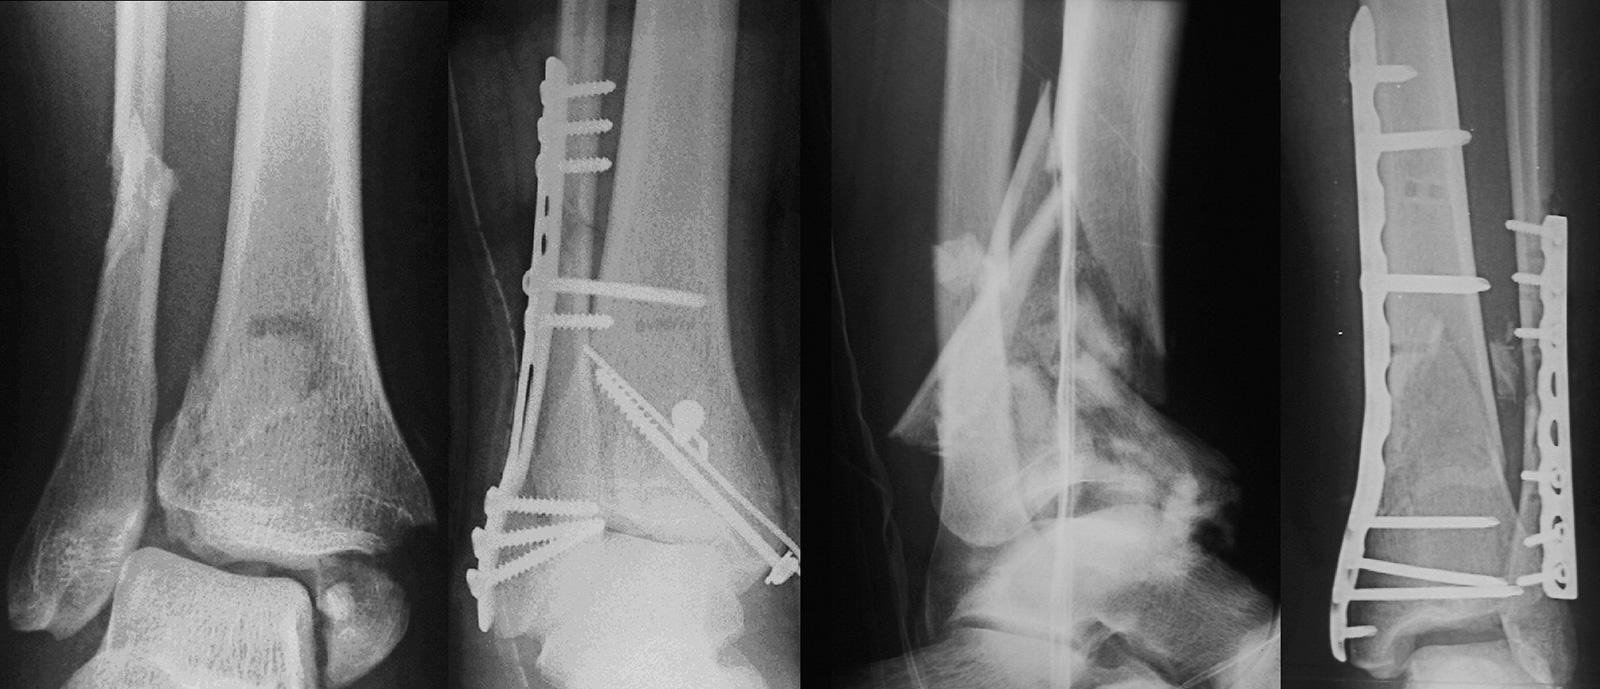 Abb. 3-53: Röntgenbild einer trimalleoläre Luxationsfraktur des oberen Sprunggelenkes (A). Die Therapie erfolgte mit einer Plattenosteosynthese des Wadenbeins, einer Syndesmosenstellschraube sowie einer Schraubenosteosynthese des Volkmannschen Dreiecks un